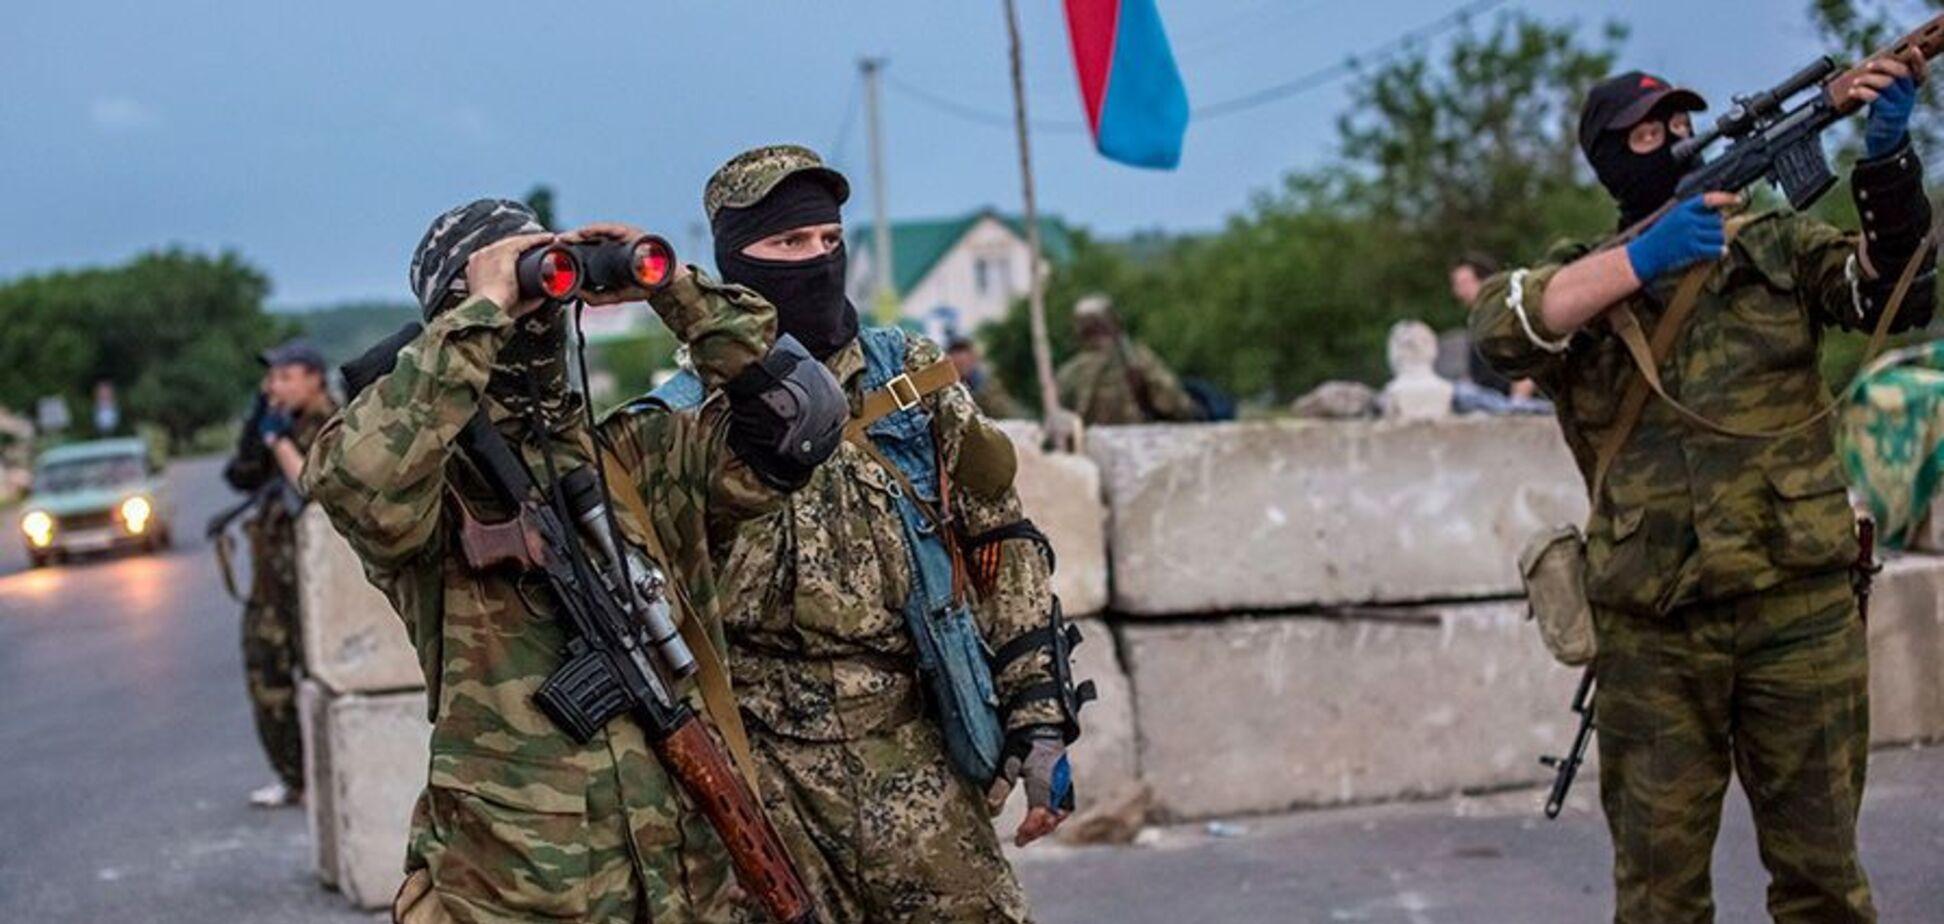 Из 'Л/ДНР'бегут призывники из-за 'охоты' террористов